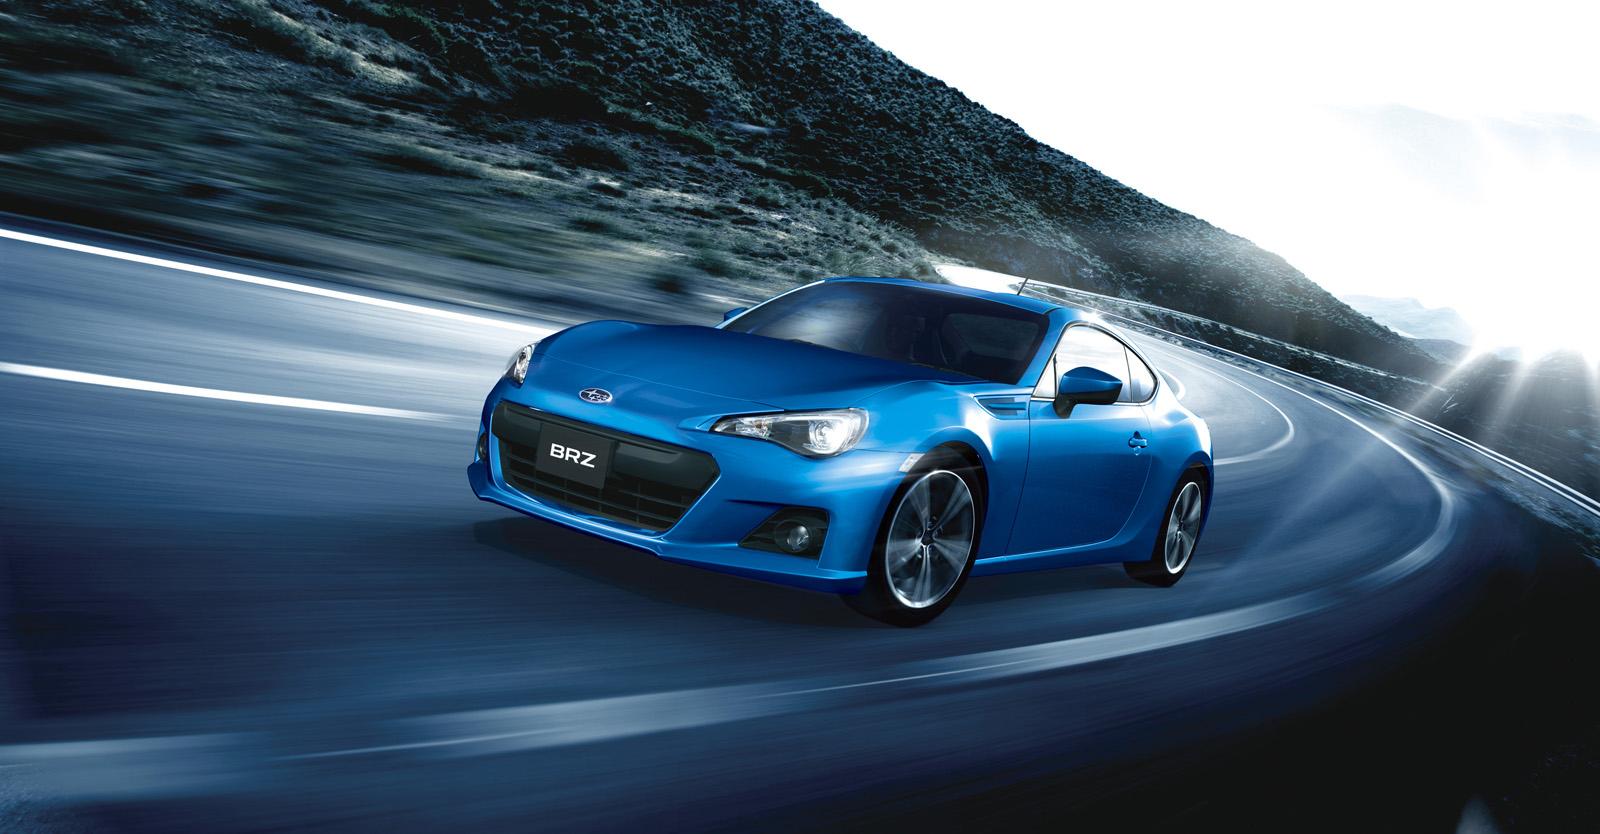 Subaru Performance Car Parts >> About Subaru BRZ, technical specs & details | TUNE86